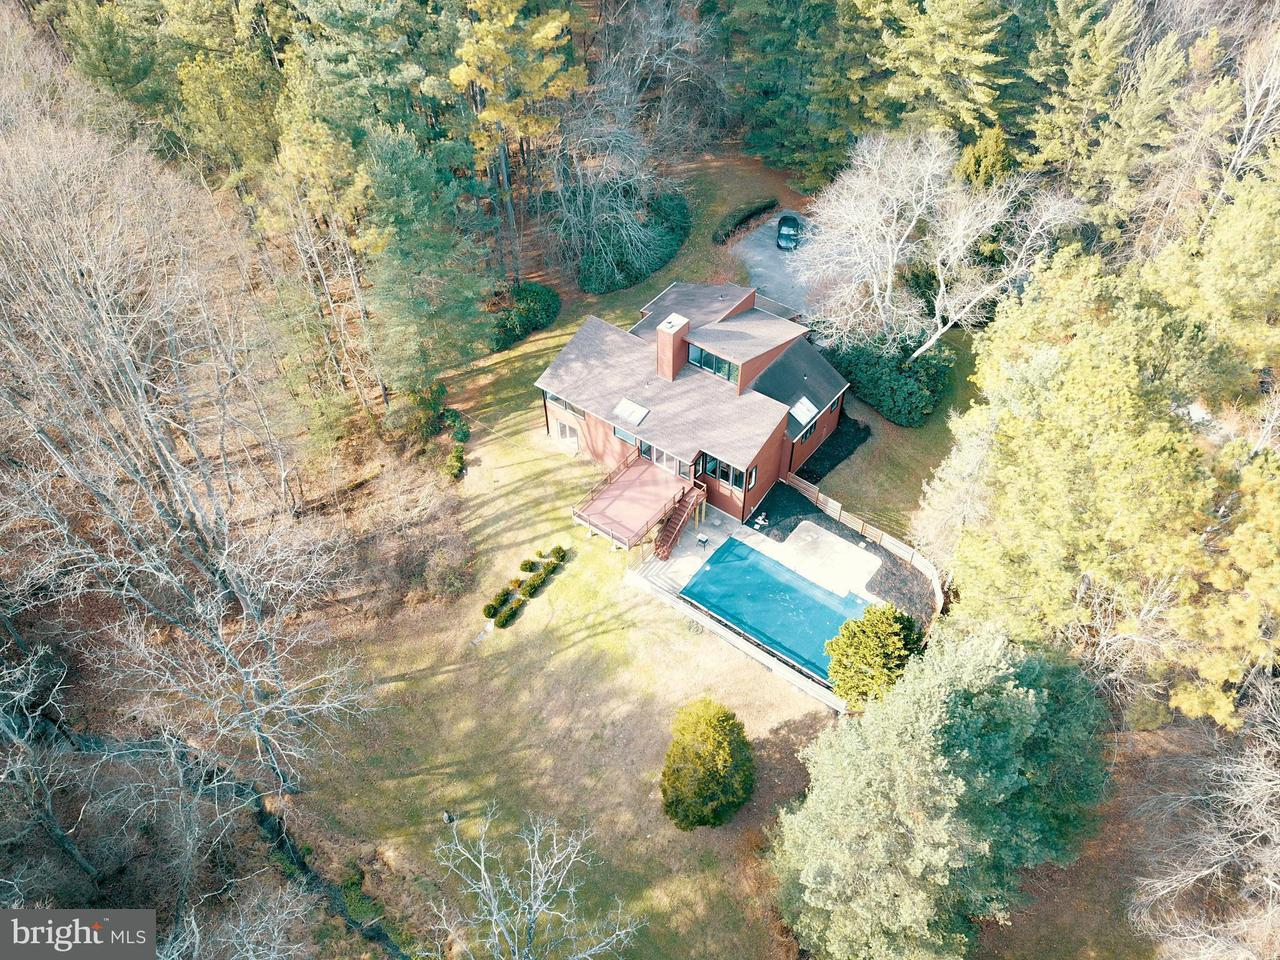 Μονοκατοικία για την Πώληση στο 16304 Falls Road 16304 Falls Road Upperco, Μεριλαντ 21155 Ηνωμενεσ Πολιτειεσ